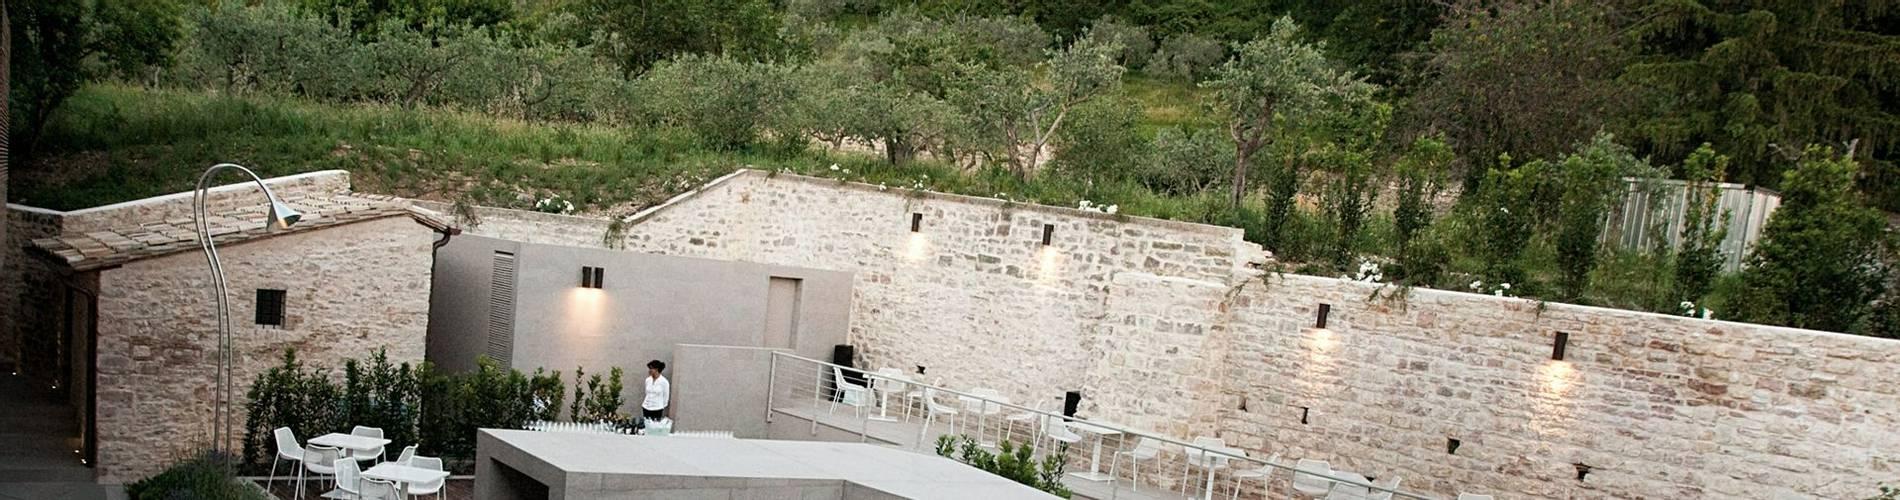 Nun Assisi Relais & Spa, Umbria, Italy (4).jpg